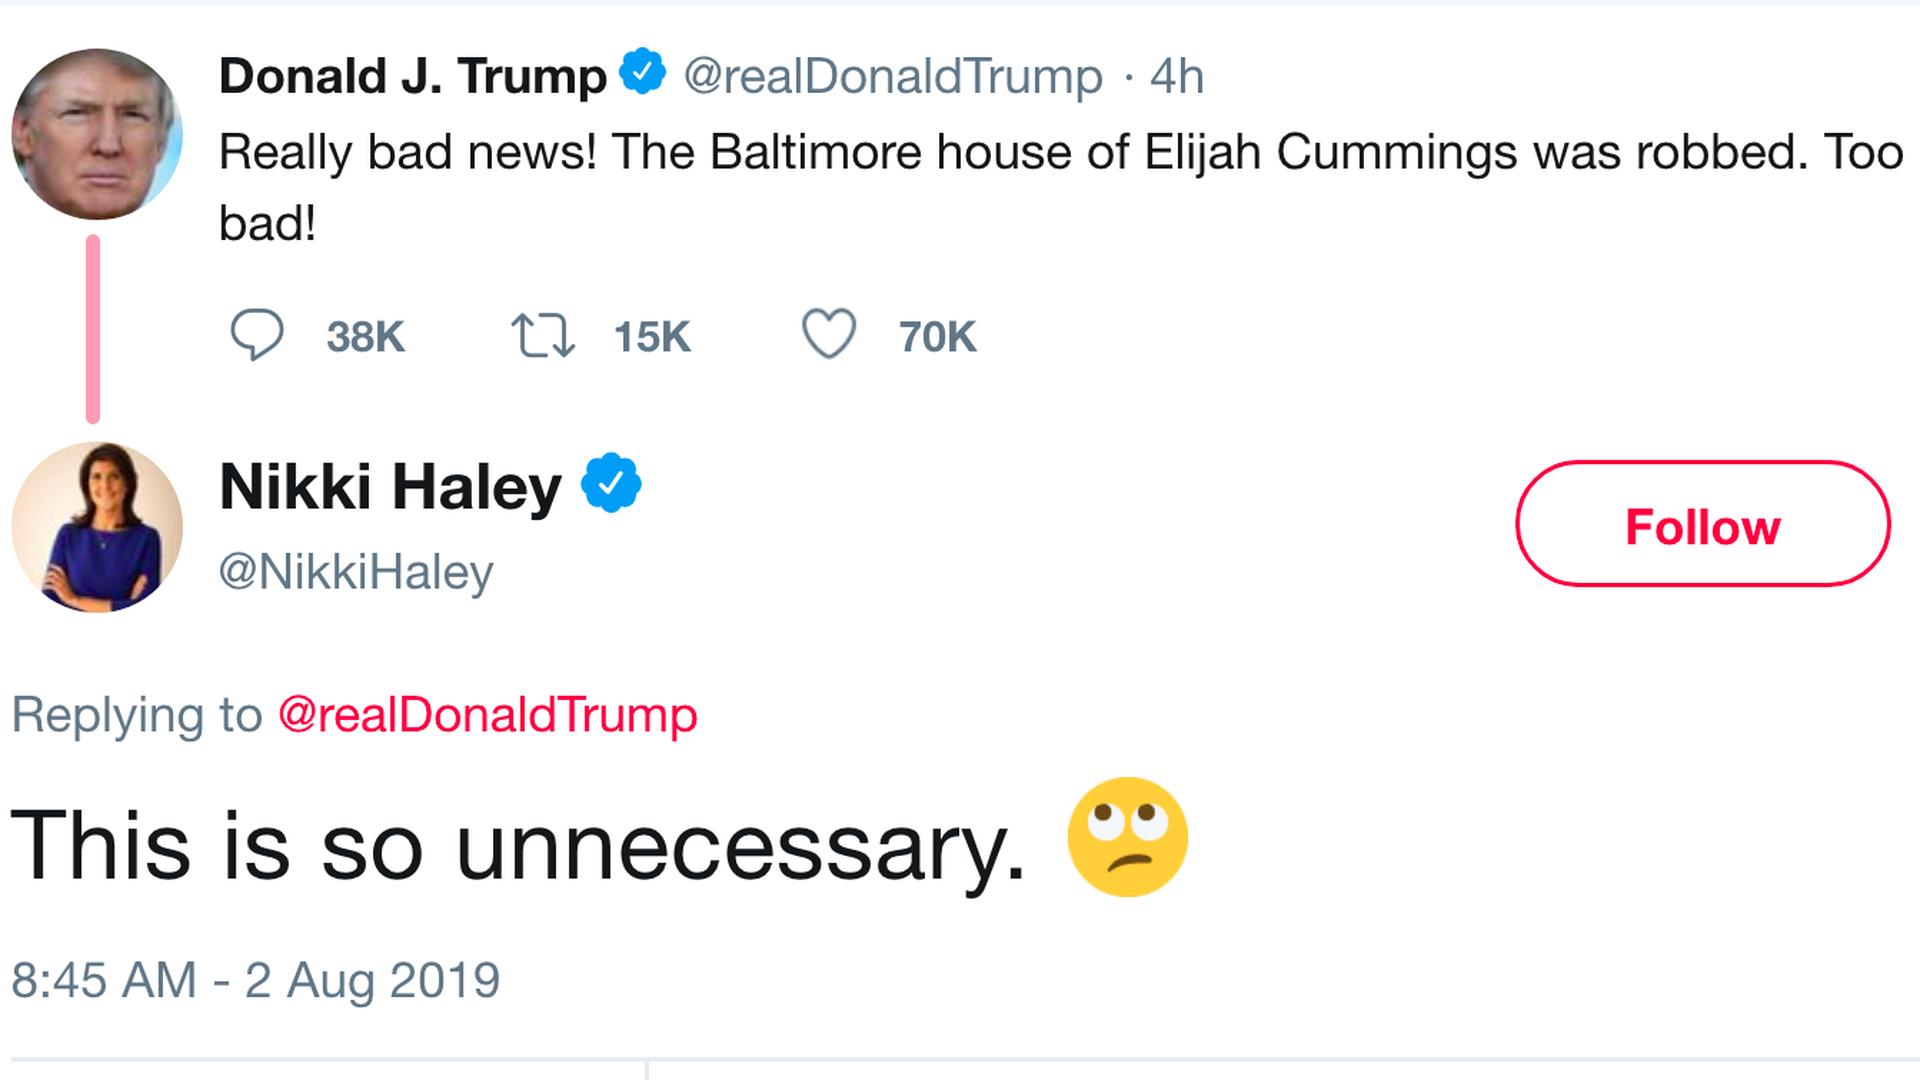 Nikki Haley calls Trump's tweet about Elijah Cummings